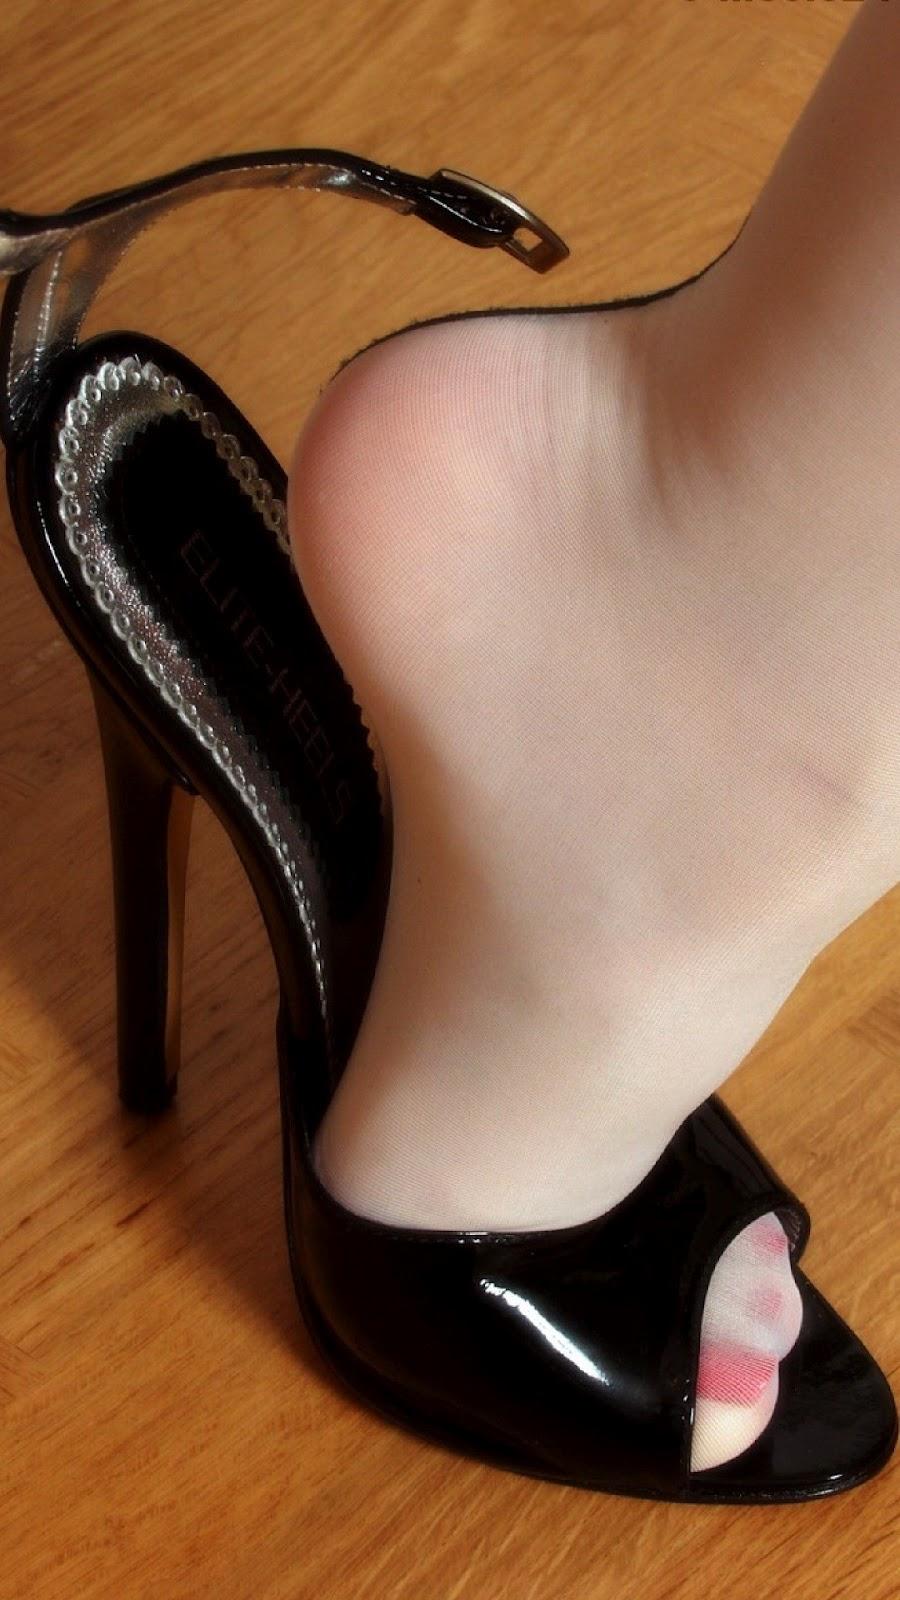 Фото грязные колготки на ногах 10 фотография